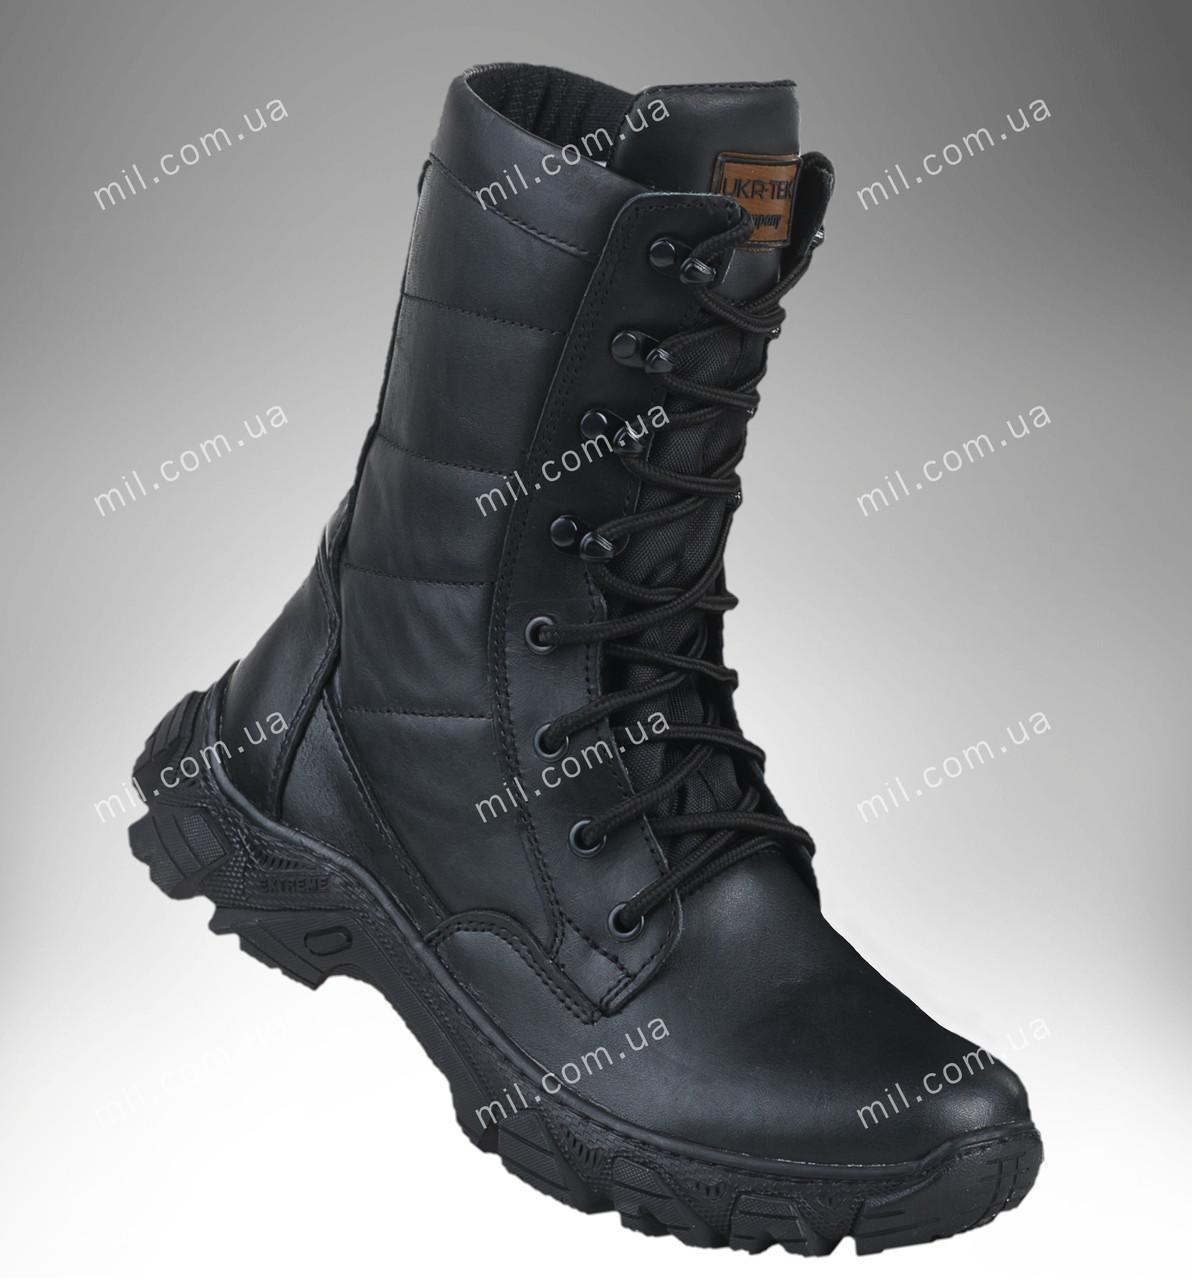 Берцы демисезонные / военная, тактическая обувь ДЕЛЬТА (гладкая кожа)